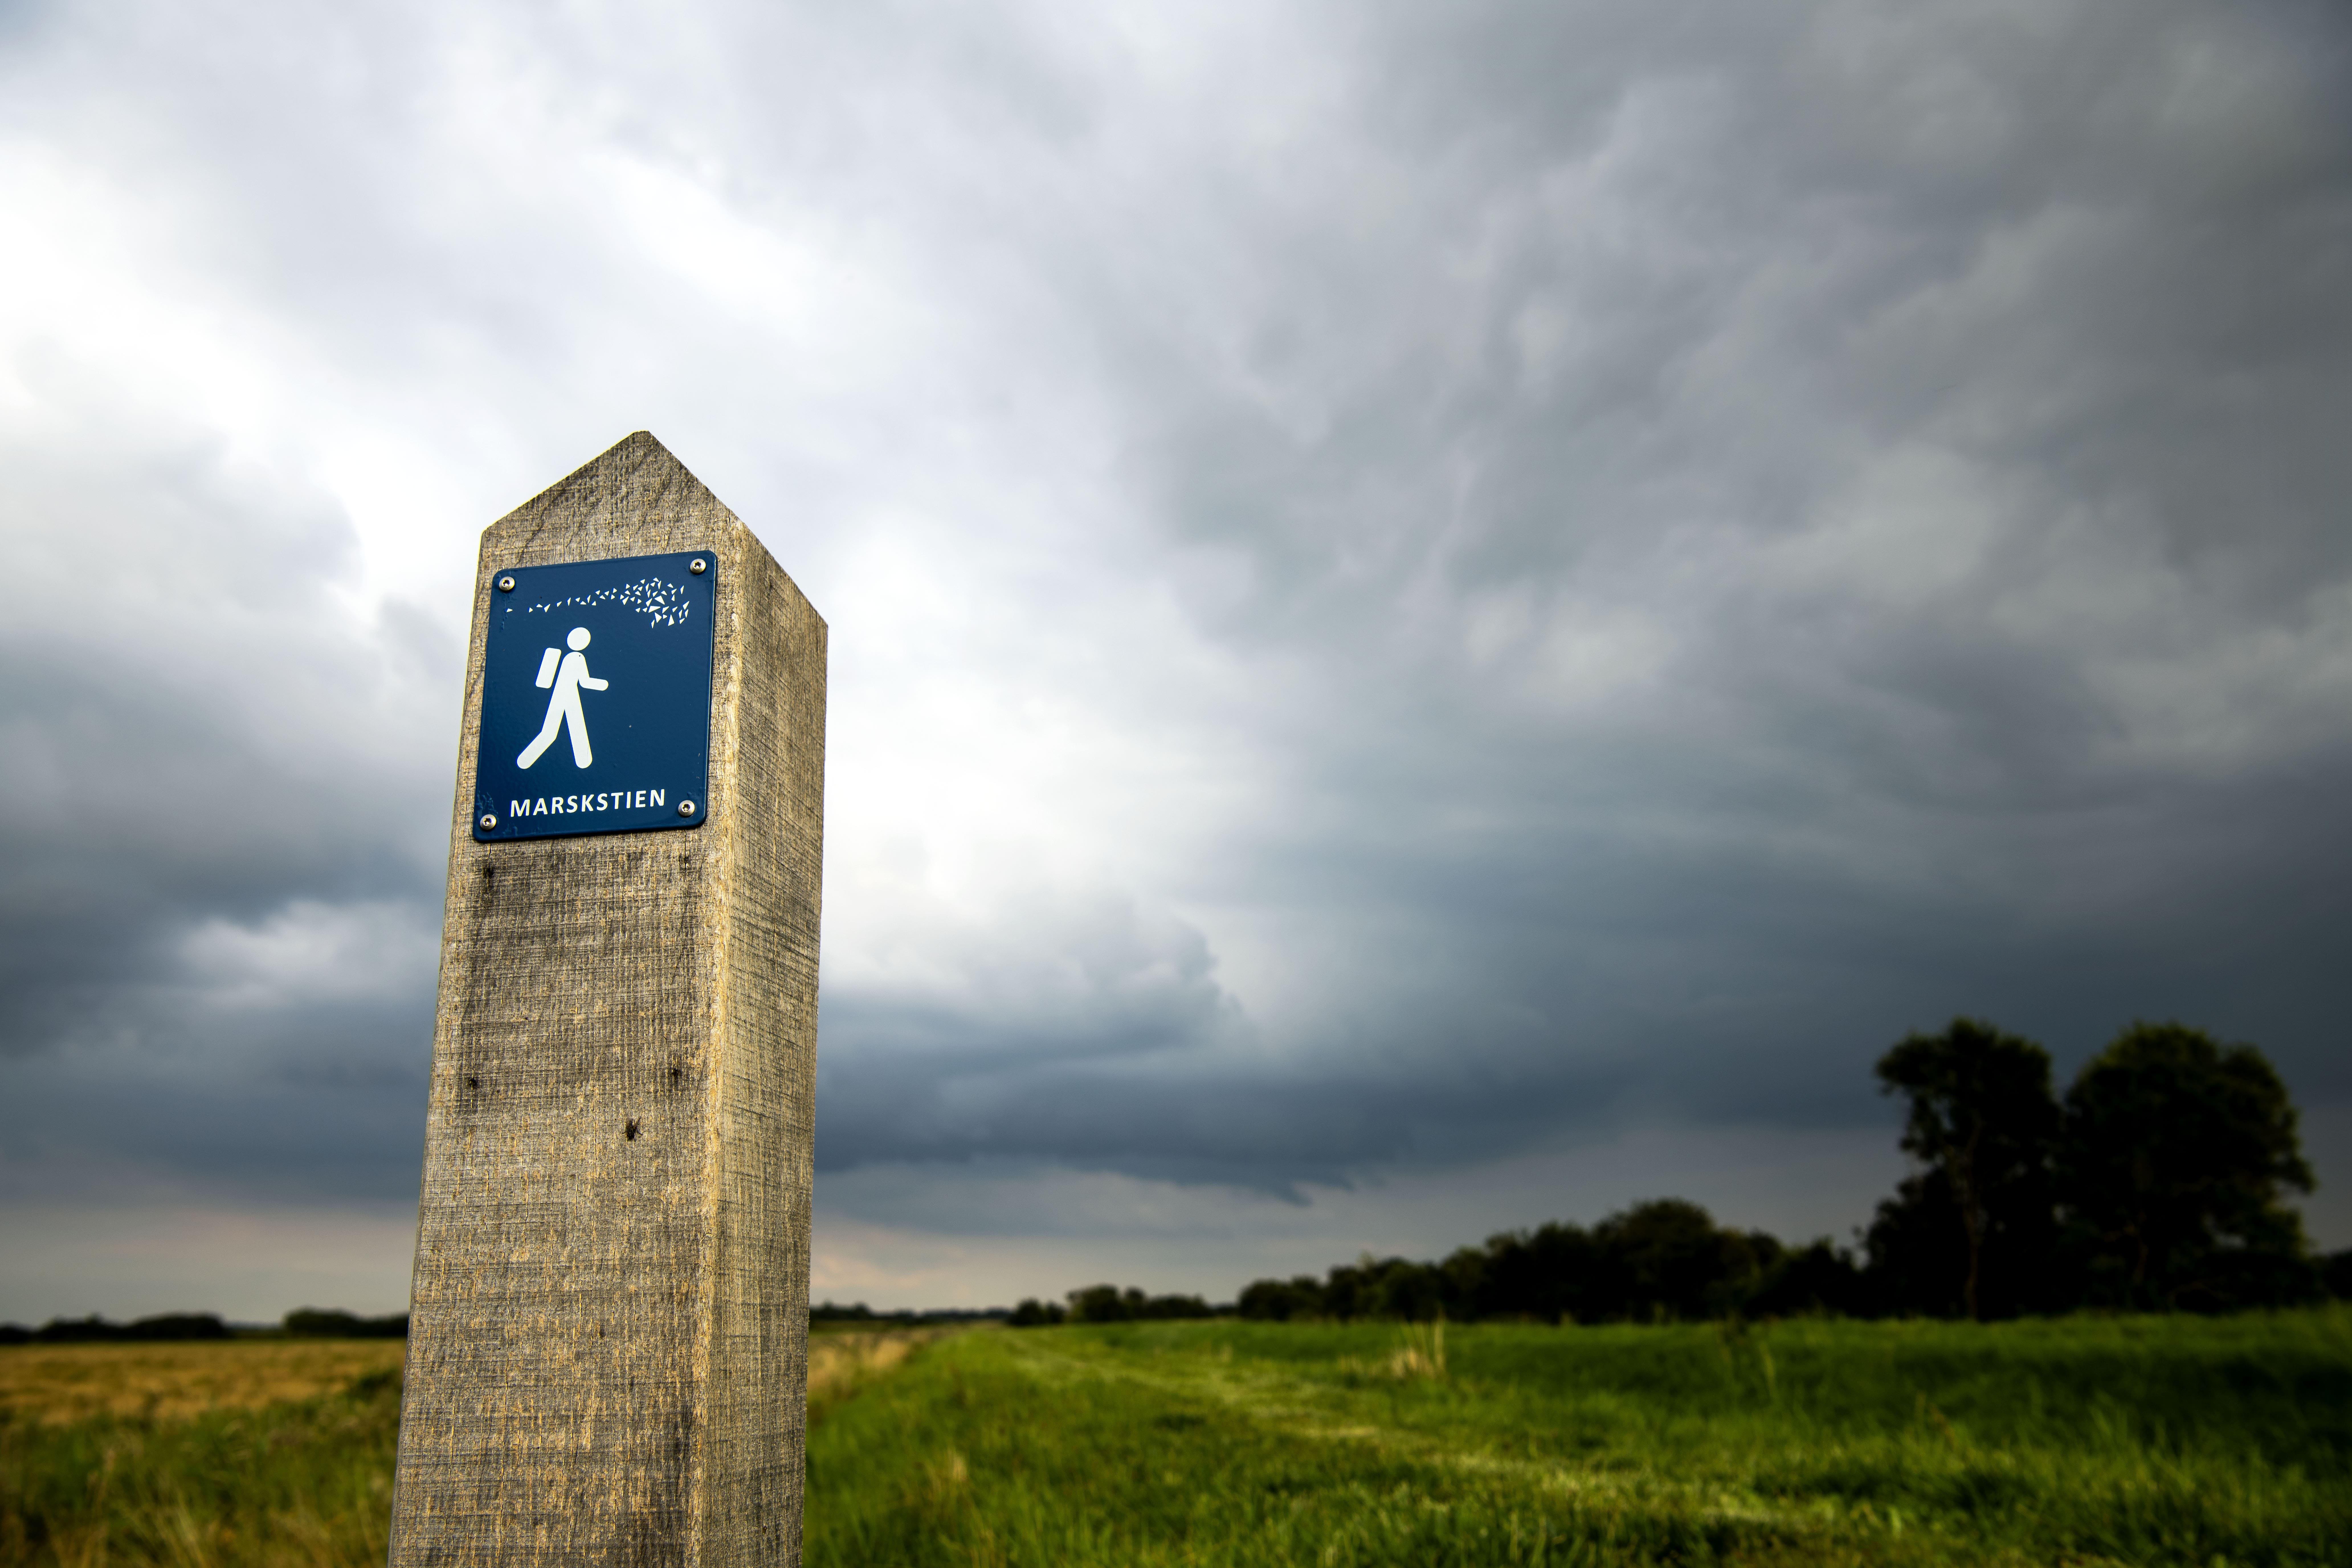 Marskstien netop er blevet certificeret som 'Leading Quality Trail - Best of Europe. (Foto: Ulrik Pedersen/Tøndermarsk Initiativet)